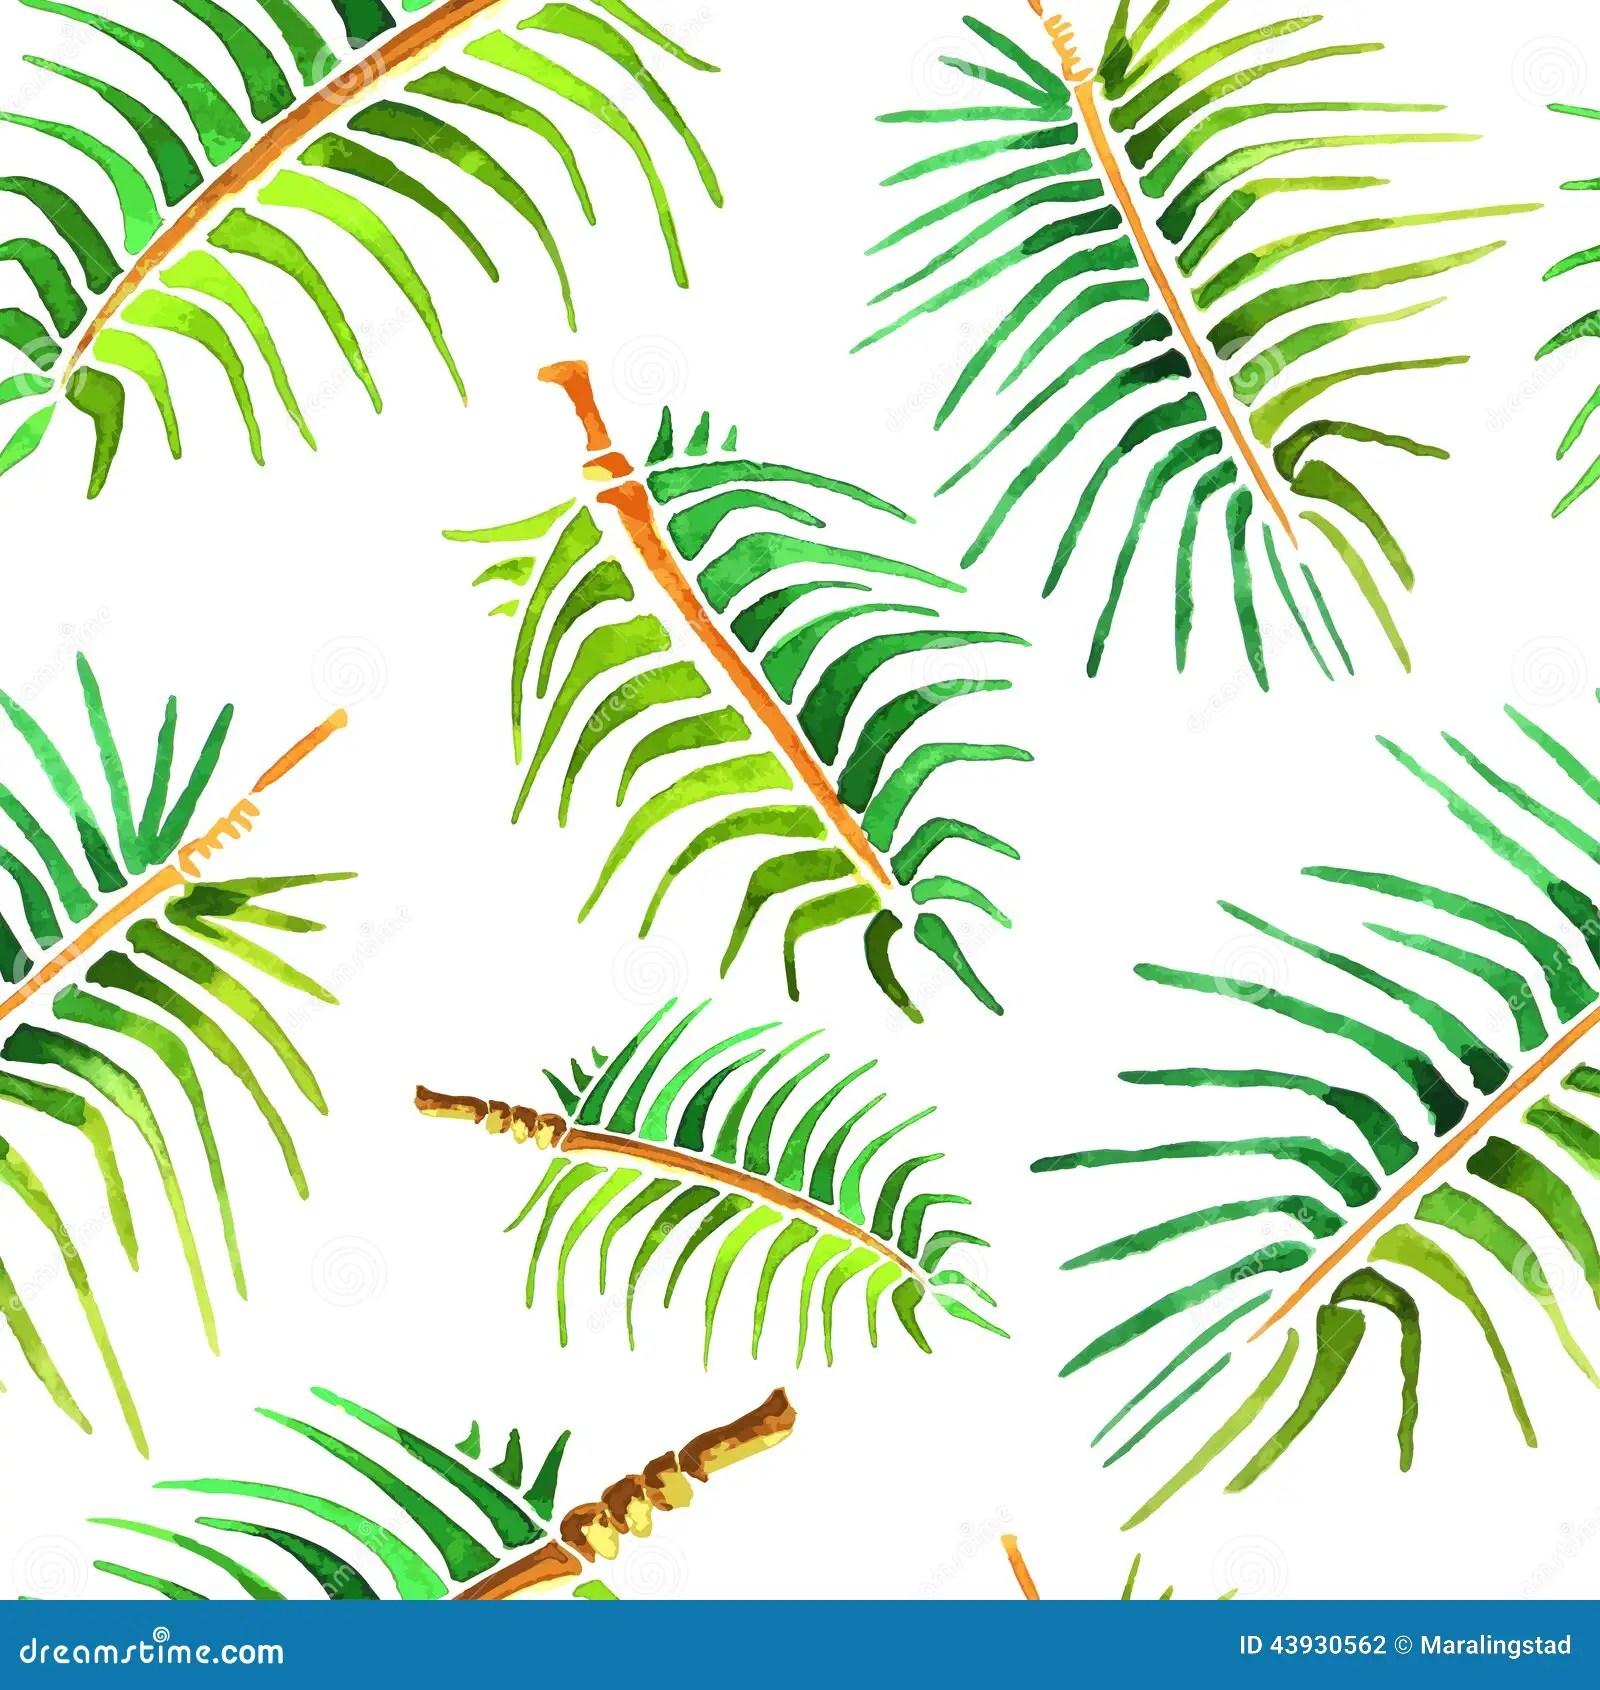 Cute Cactus Wallpaper Macbook Fond De Feuille De Palmier D Aquarelle De Vecteur